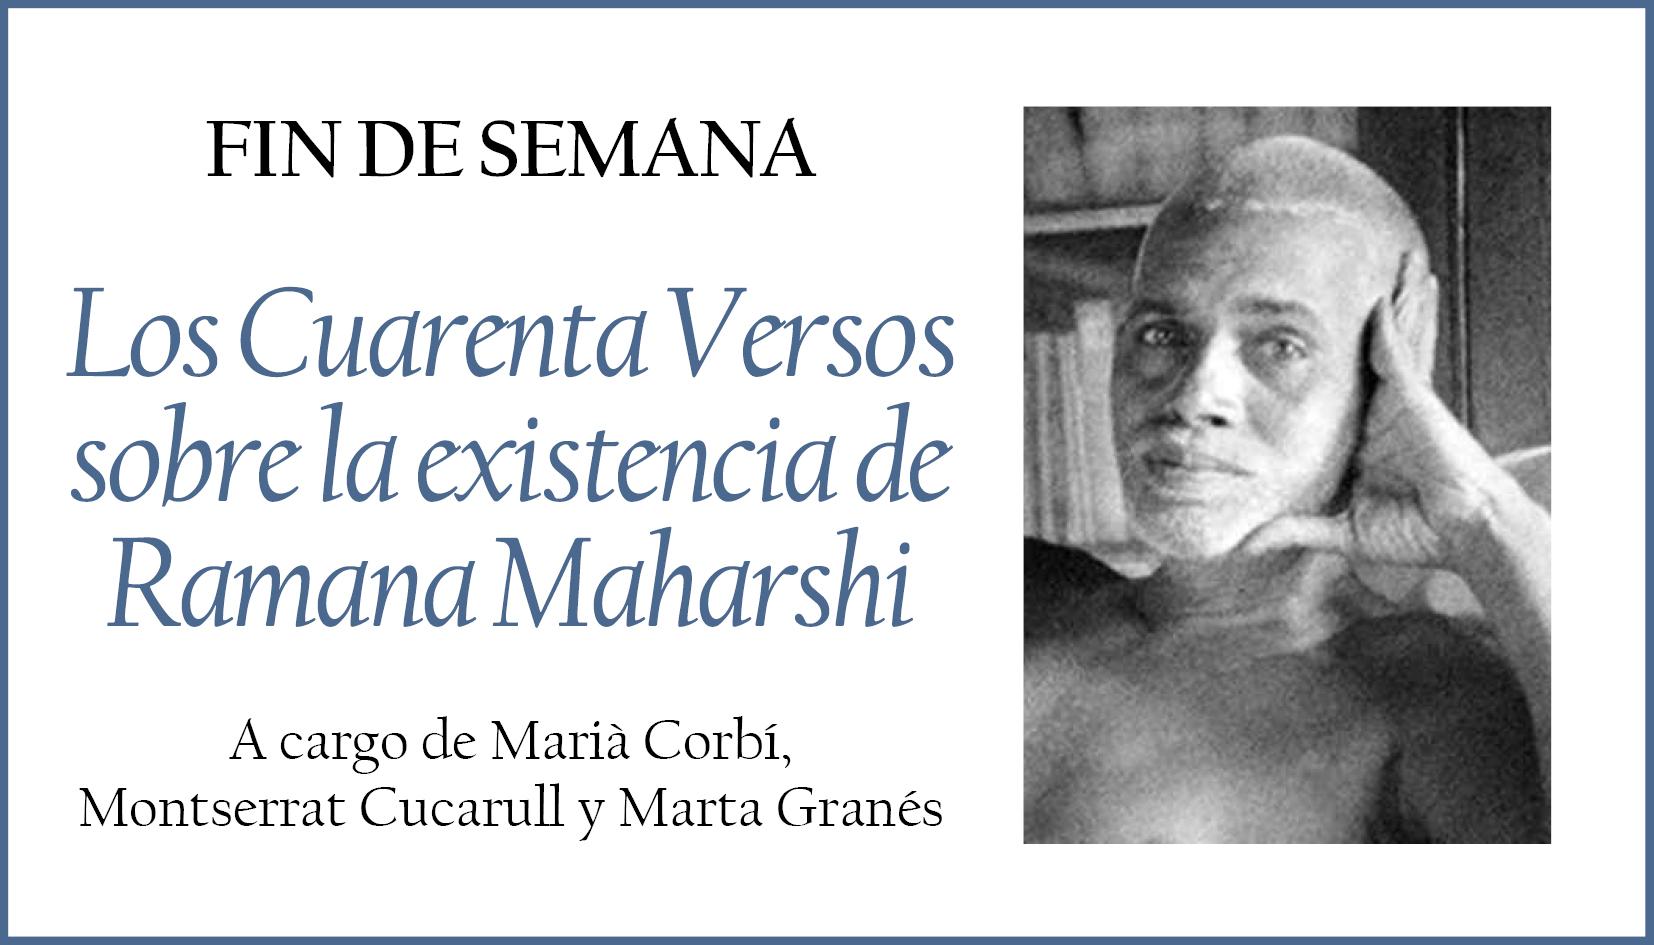 21. FIN DE SEMANA SOBRE LOS CUARENTA VERSOS SOBRE LA EXISTENCIA De Ramana Maharshi